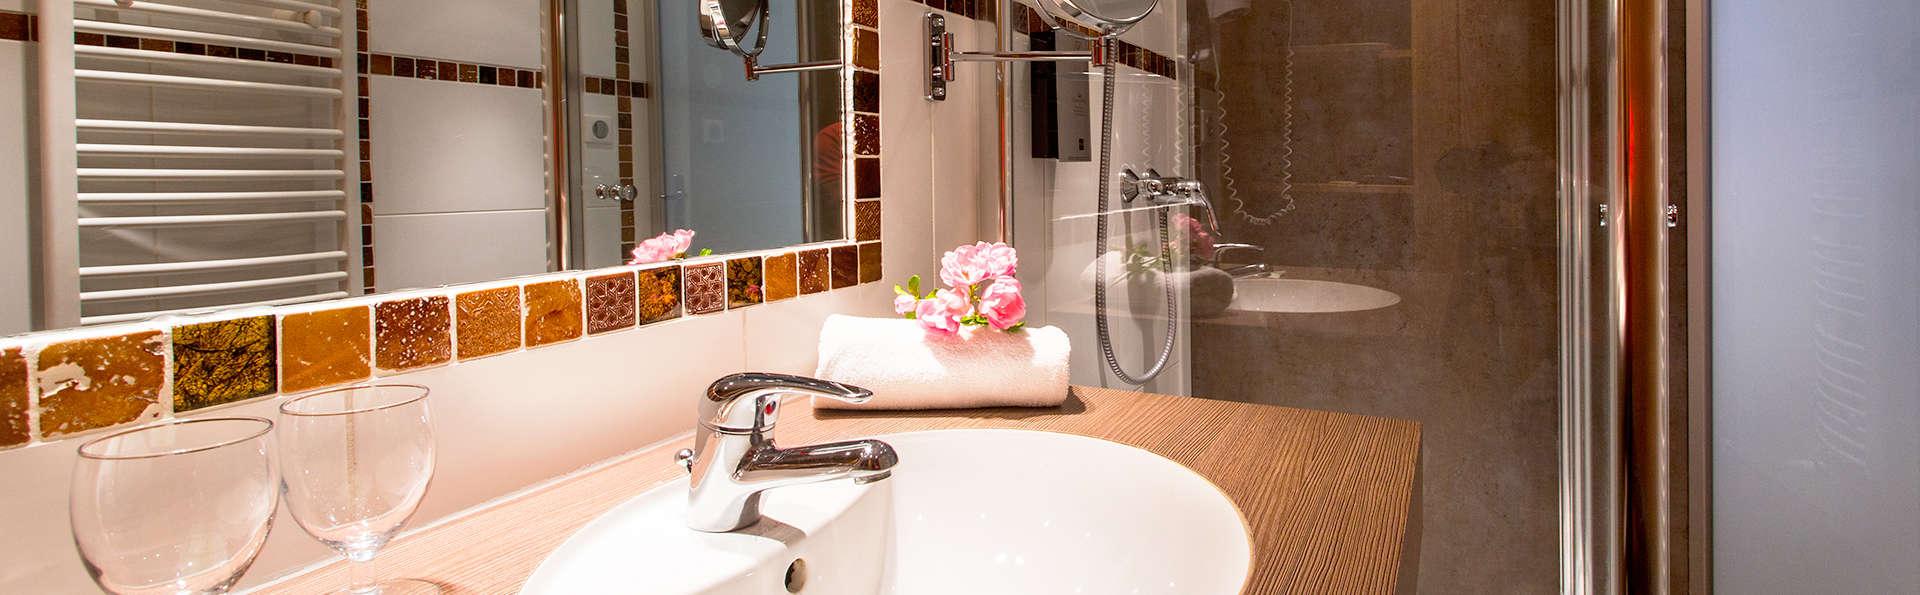 Hôtel Les Peupliers - Edit_Bathroom.jpg